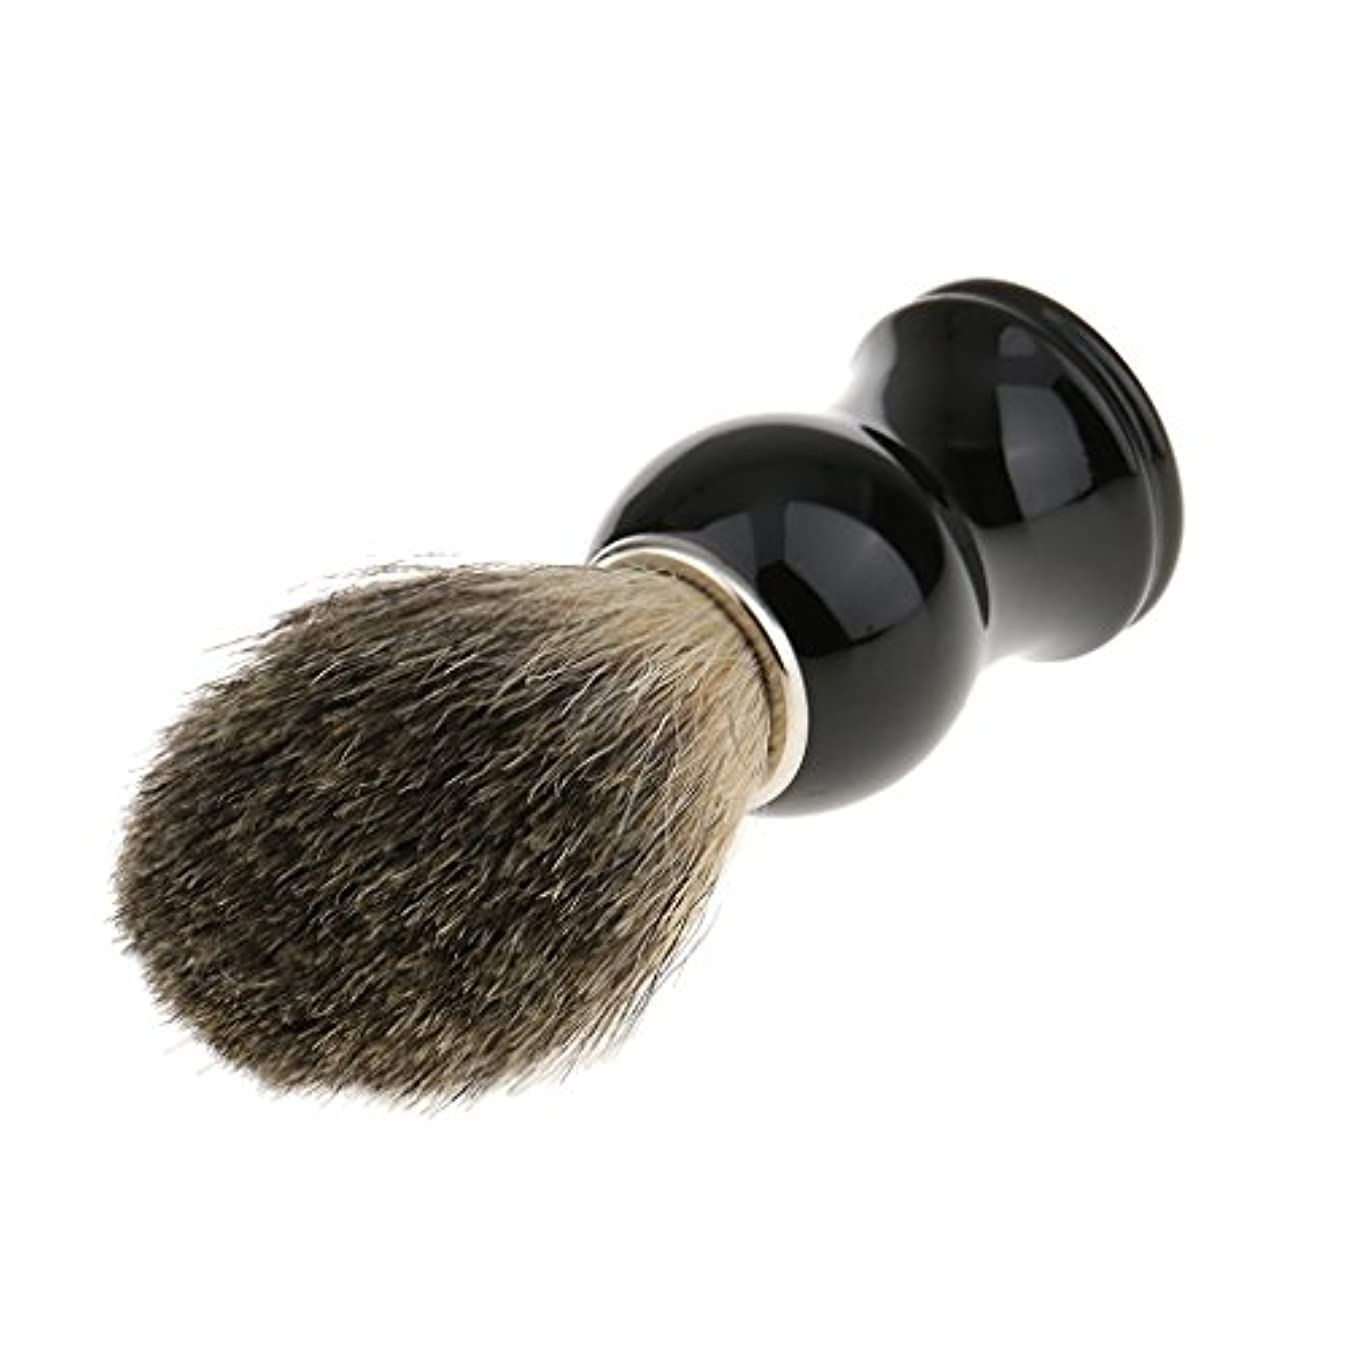 難民願うるSONONIA 人工毛 シェービングブラシ 家庭 柔らかい 洗顔 理容  髭剃り 乾くやすい 便携 11.2cm 全2色 - ブラックハンドル